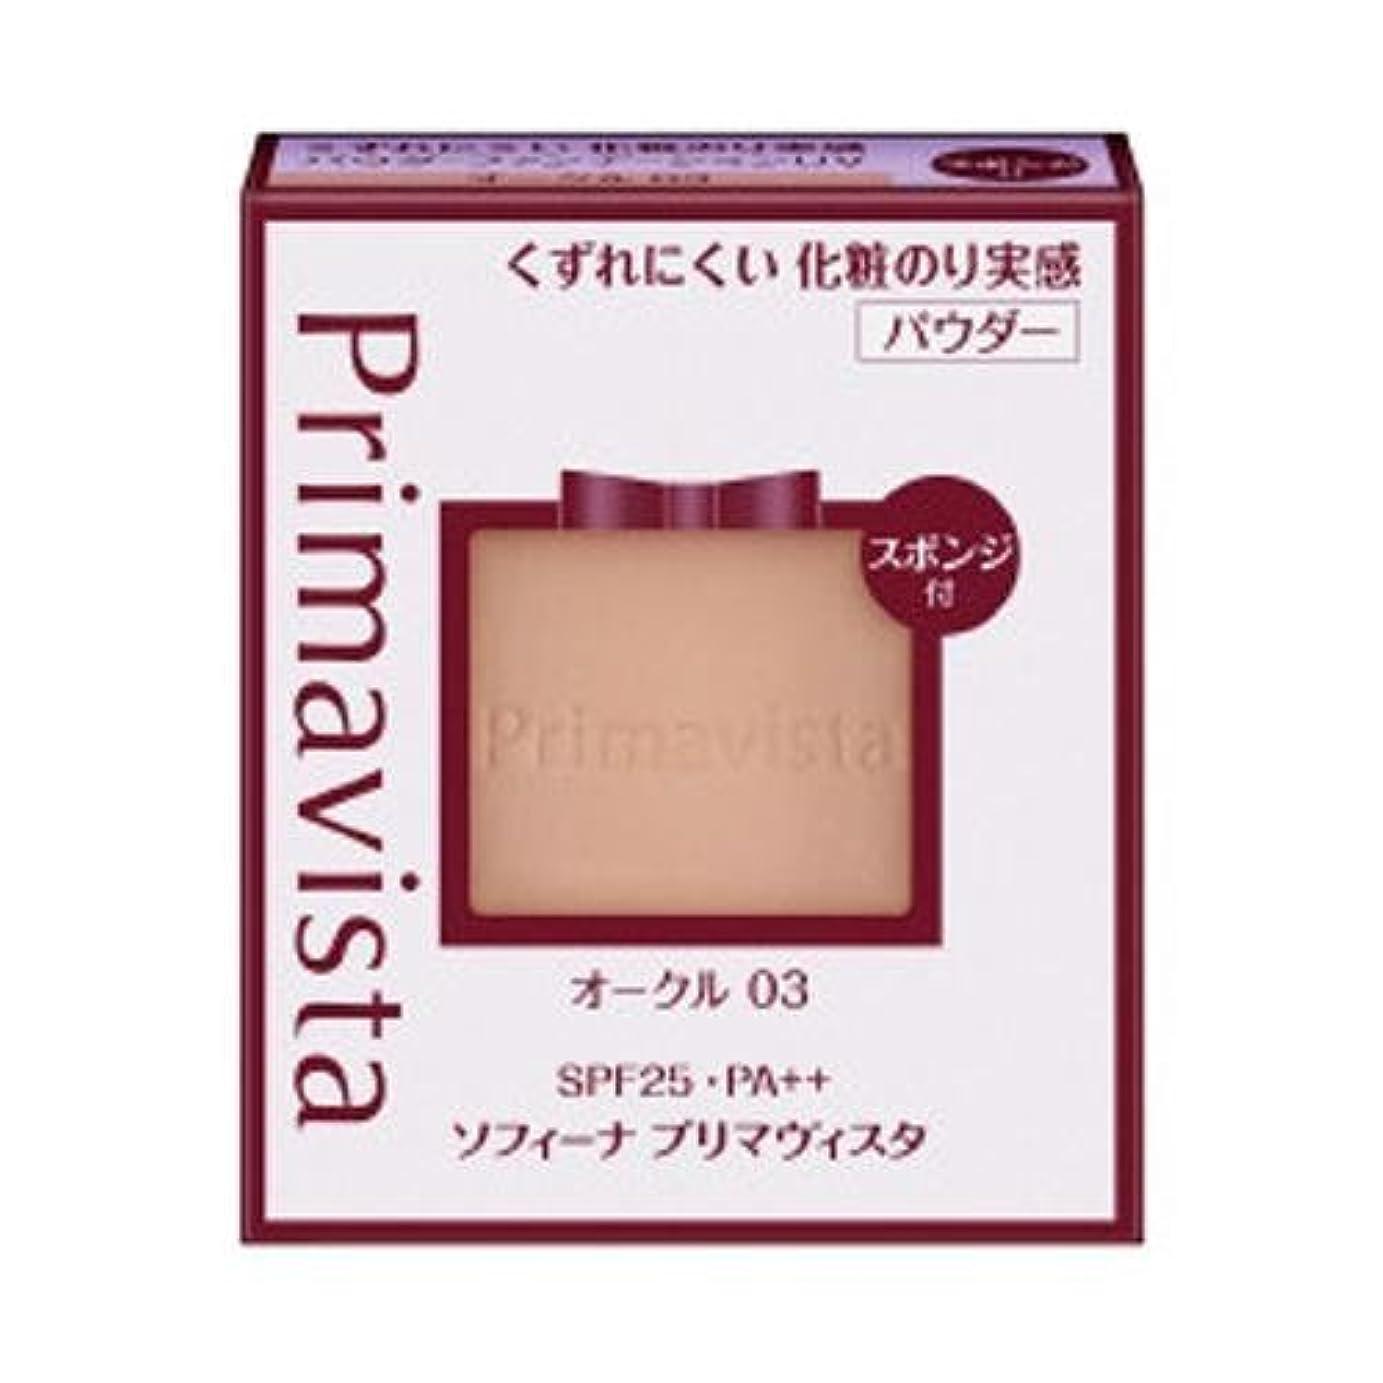 シダ乳白色抑制ソフィーナ プリマヴィスタ くずれにくい 化粧のり実感パウダーファンデーションUV オークル03 レフィル